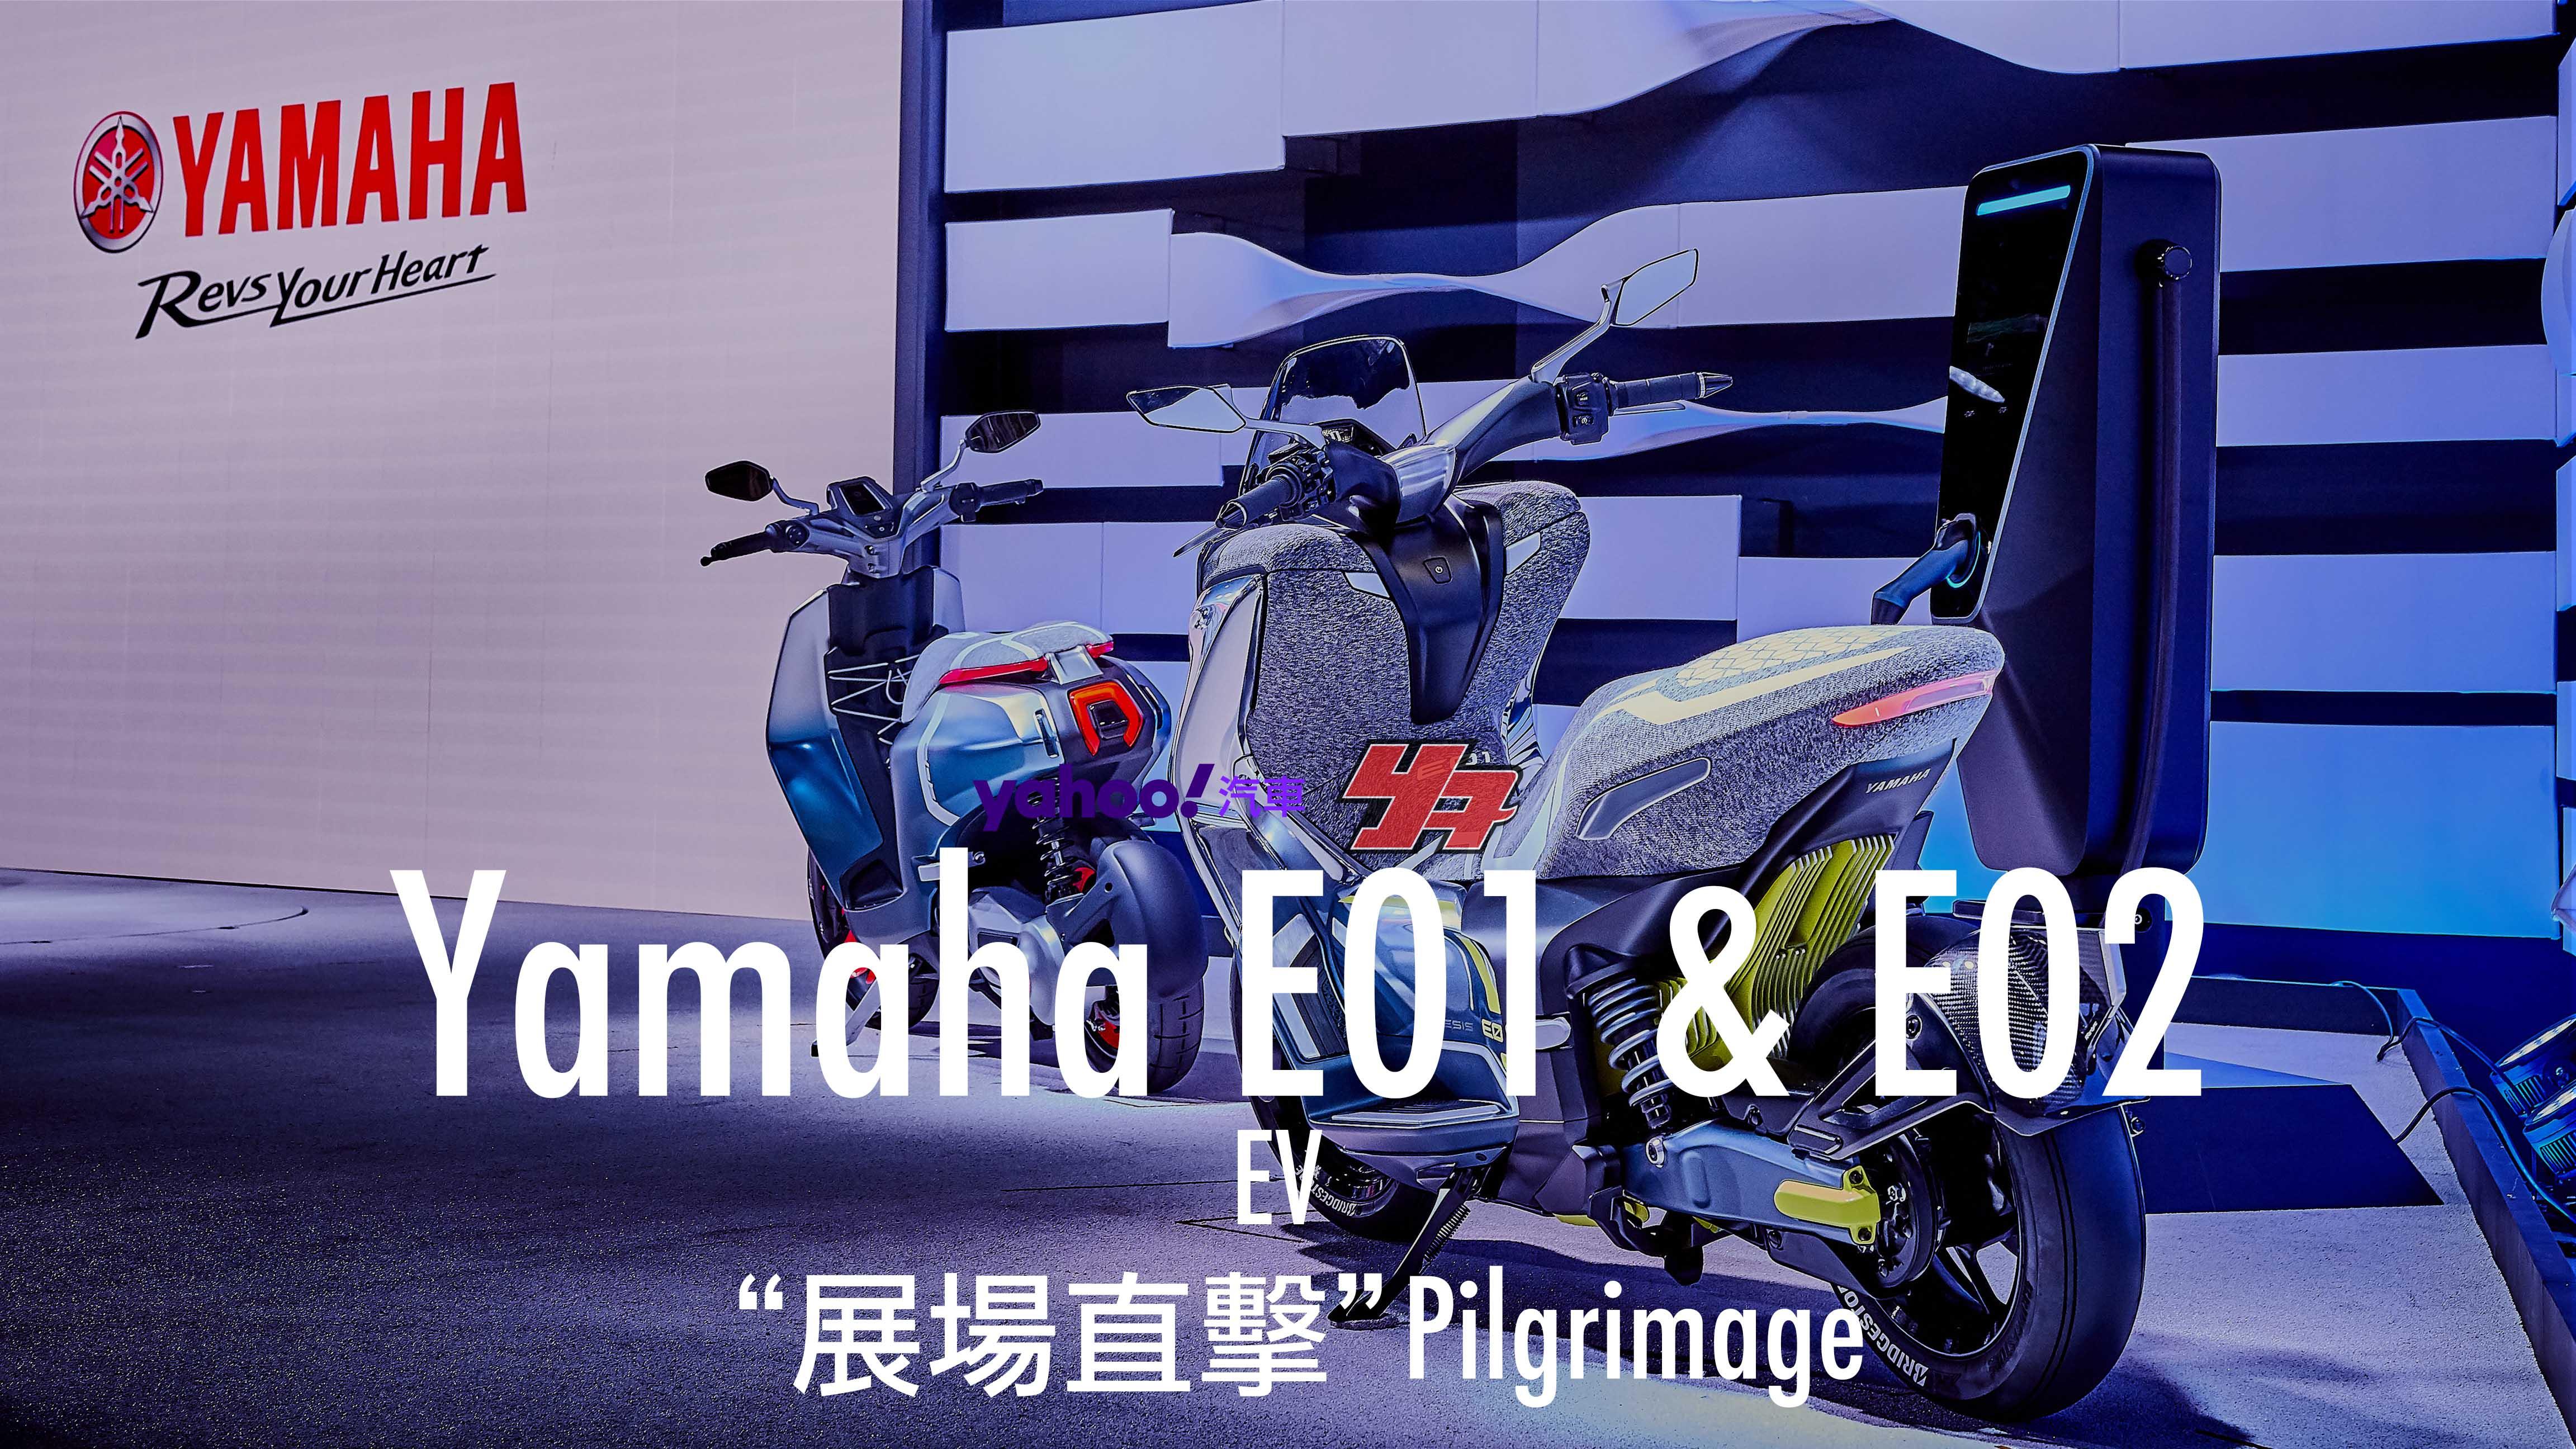 【東京車展直擊】日規純電二輪預備進攻!Yamaha全新電動機車概念車款E01、E02展示解析!